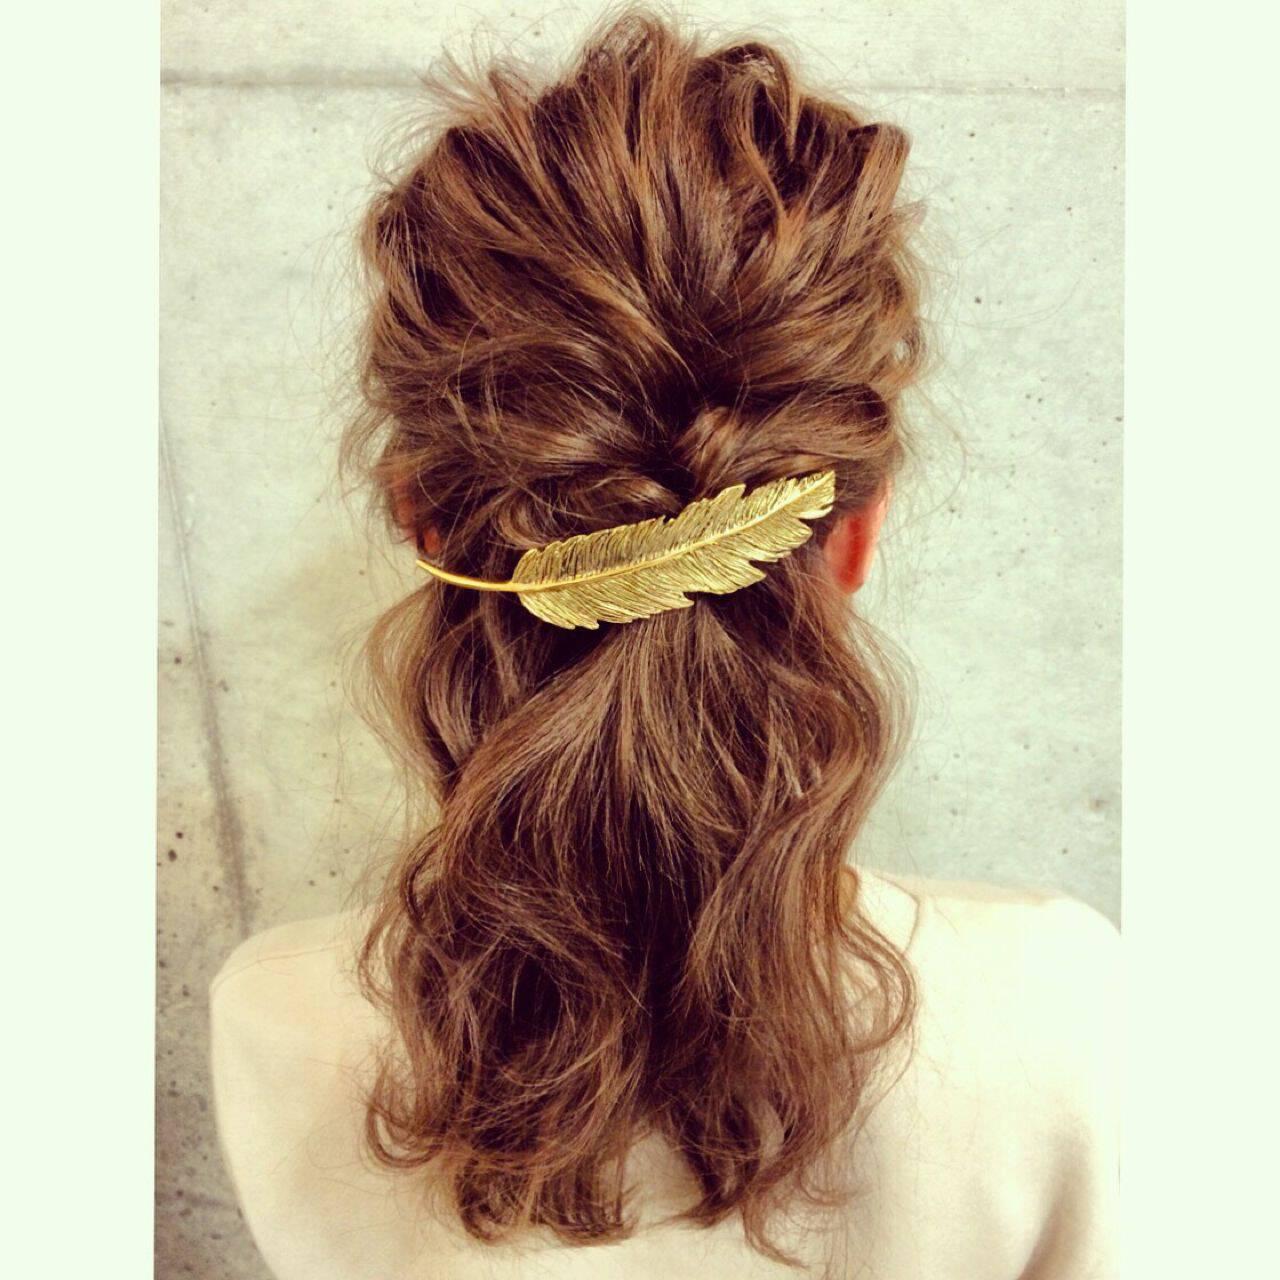 モテ髪 ゆるふわ バレッタ アップスタイルヘアスタイルや髪型の写真・画像